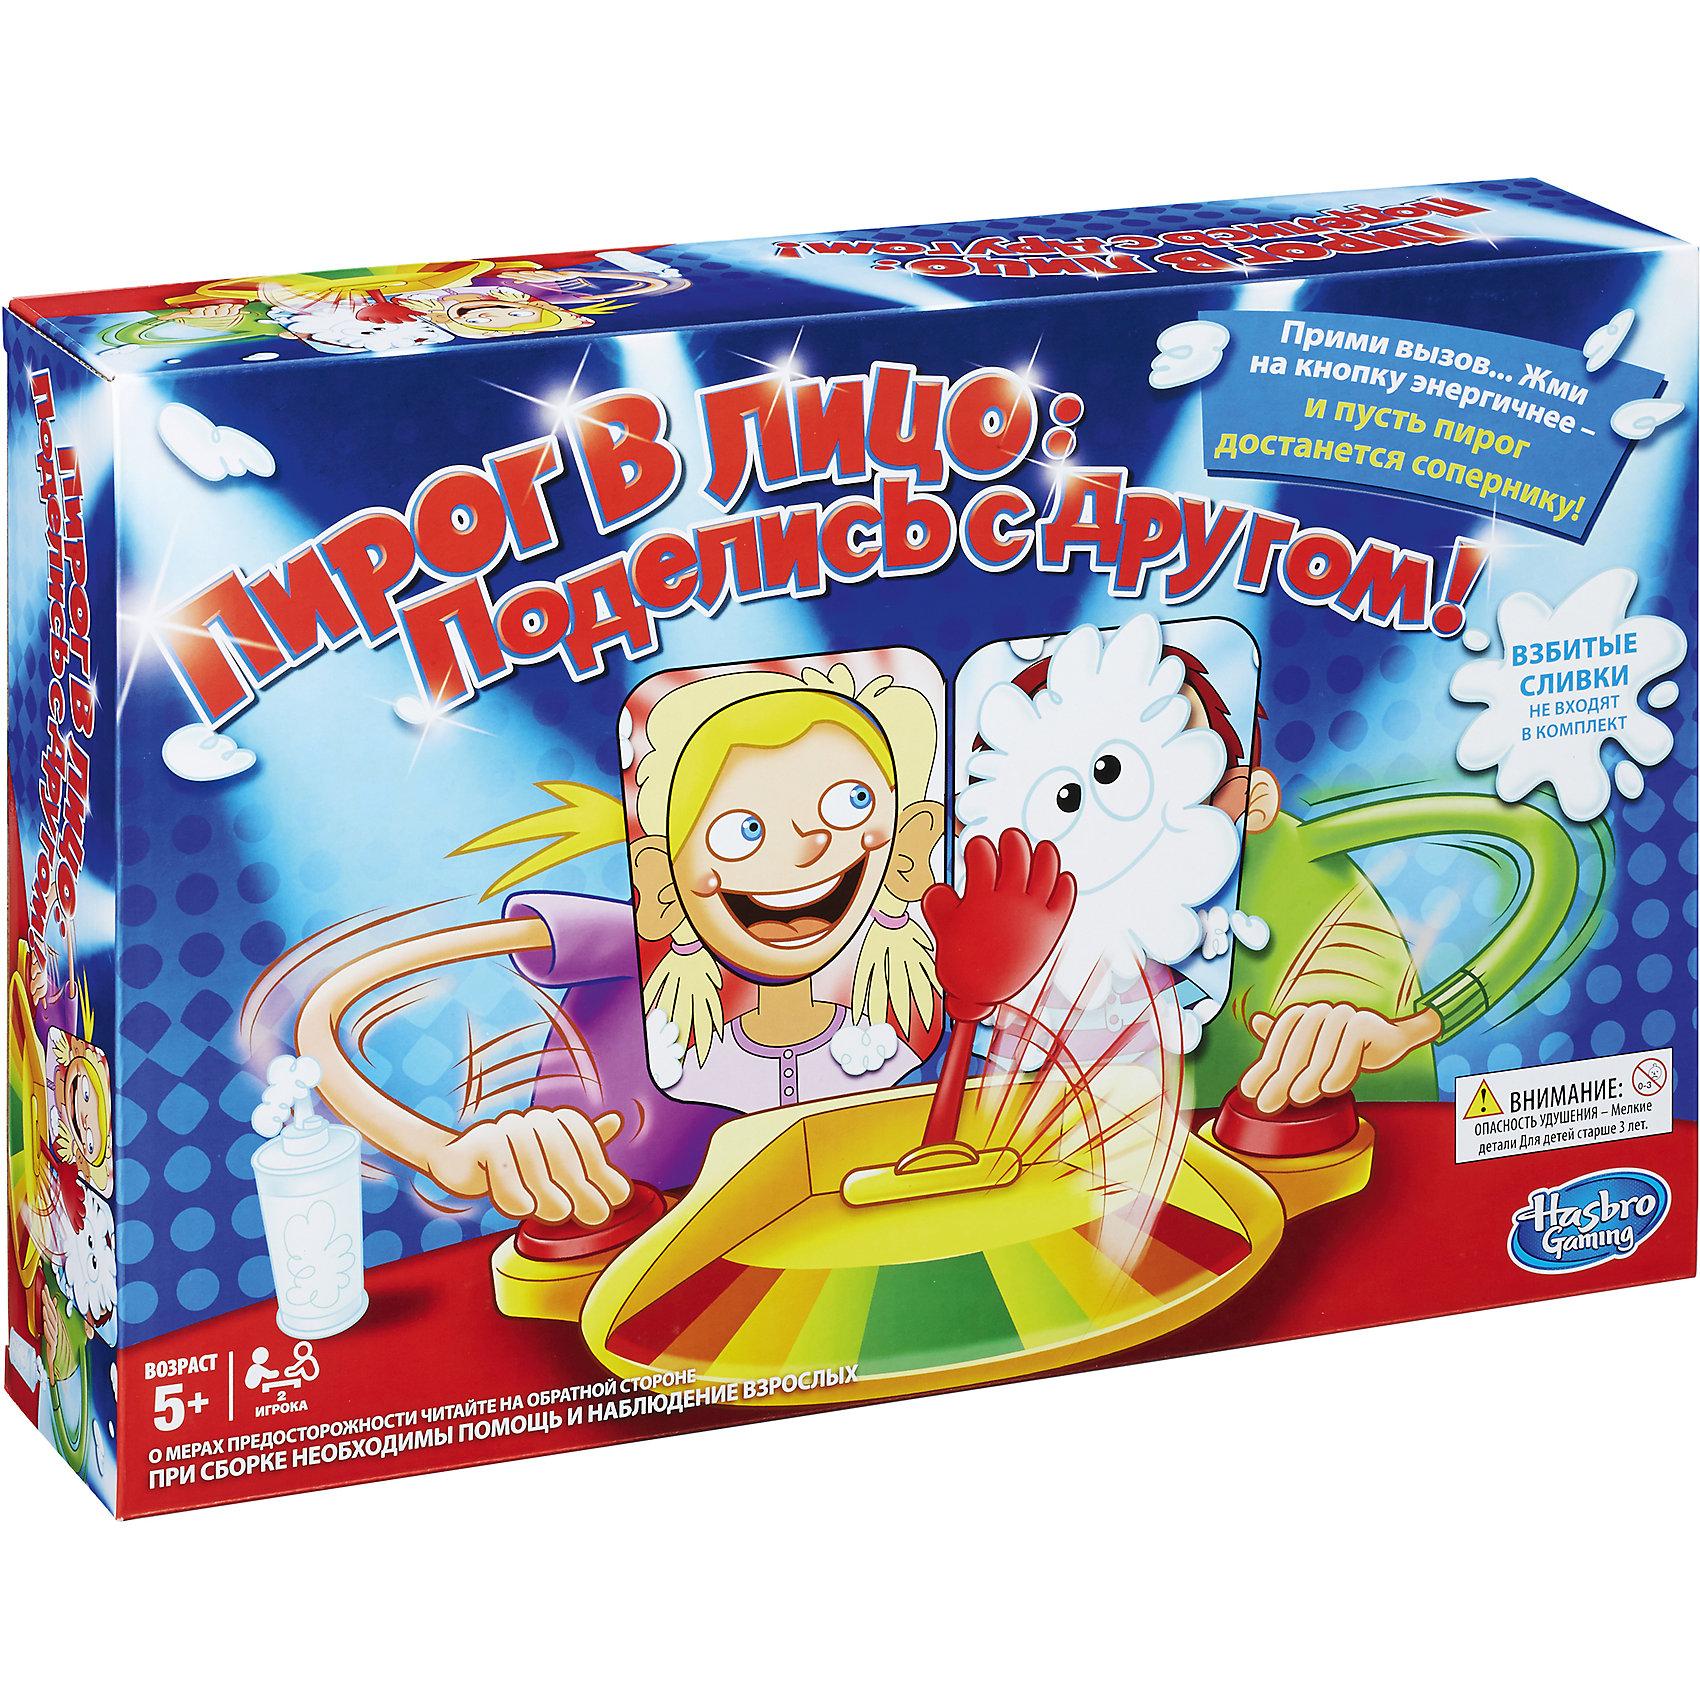 Игра Пирог в лицо (2 участника), HasbroИгра Пирог в лицо (2 участника), Hasbro<br><br>Характеристики:<br><br>- в набор входит: игра, губка, инструкция <br>- количество игроков: 2<br>- состав: пластик, картон<br>- размер упаковки: 40 * 8 * 27 см.<br>- вес: 800 гр.<br>- для детей в возрасте: от 5 до 12 лет<br>- Страна производитель: Китай<br><br>Знаменитая настольная игра Пирог в лицо от известного американского бренда товаров для детей Hasbro (Хасбро) приведет ребят в восторг! Небольшая подставка со встроенной легкой катапультой оснащена двумя кнопками, на которые нажимают игроки как можно быстрее, ведь кто больше и быстрее раз нажмет на красную кнопку, тот сможет избежать пирога из катапульты! Цветной индикатор подскажет, кто ближе всего к победе. Две рамки в виде очертаний девочки и мальчика включены в набор, они вставляются с фиксаторами для подбородков в главную подставку. Детали изготовлены из высококачественного пластика и позволяют легко смывать пирог, рамки защищают одежду детей. В качестве пирога рекомендуется использовать взбитые сливки (в набор не входят). <br><br>Легкая, веселая и необычная игра станет отличным развлечением на празднике или в обычный вечер. Примите опасный вызов пирога! Игра развивает моторику рук, реакцию и воображение.<br><br>Игру Пирог в лицо (2 участника), Hasbro можно купить в нашем интернет-магазине.<br><br>Ширина мм: 81<br>Глубина мм: 400<br>Высота мм: 267<br>Вес г: 1067<br>Возраст от месяцев: 60<br>Возраст до месяцев: 120<br>Пол: Унисекс<br>Возраст: Детский<br>SKU: 5385705